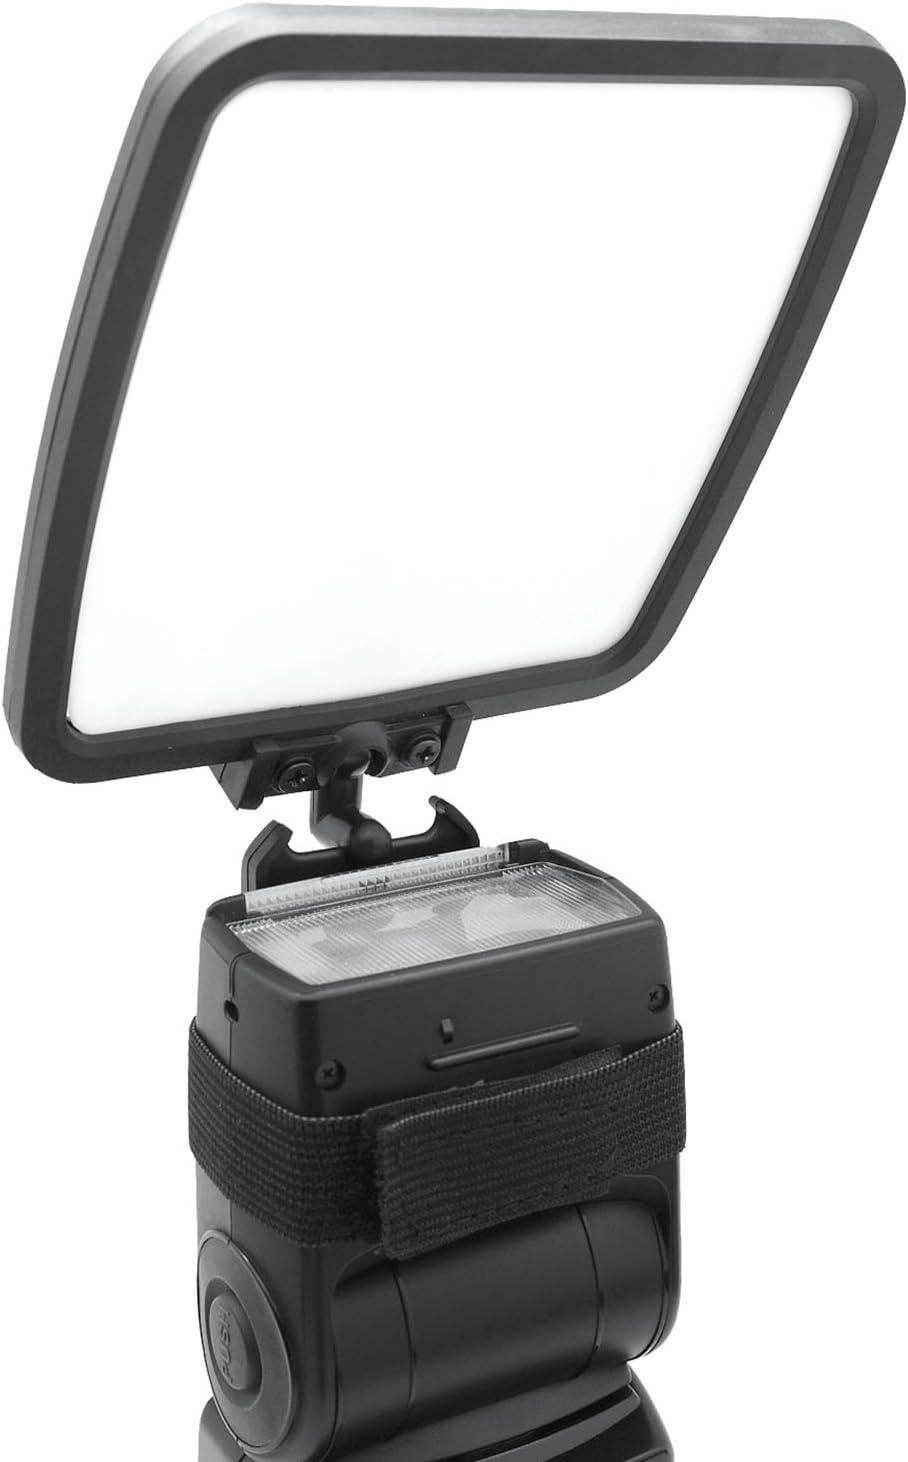 Reflector Kit for Nikon Speedlight SB-910 AF SB-700 SB-500 SB-900 SB-800 SB-600 Gadget Place 7-piece Flash Diffuser